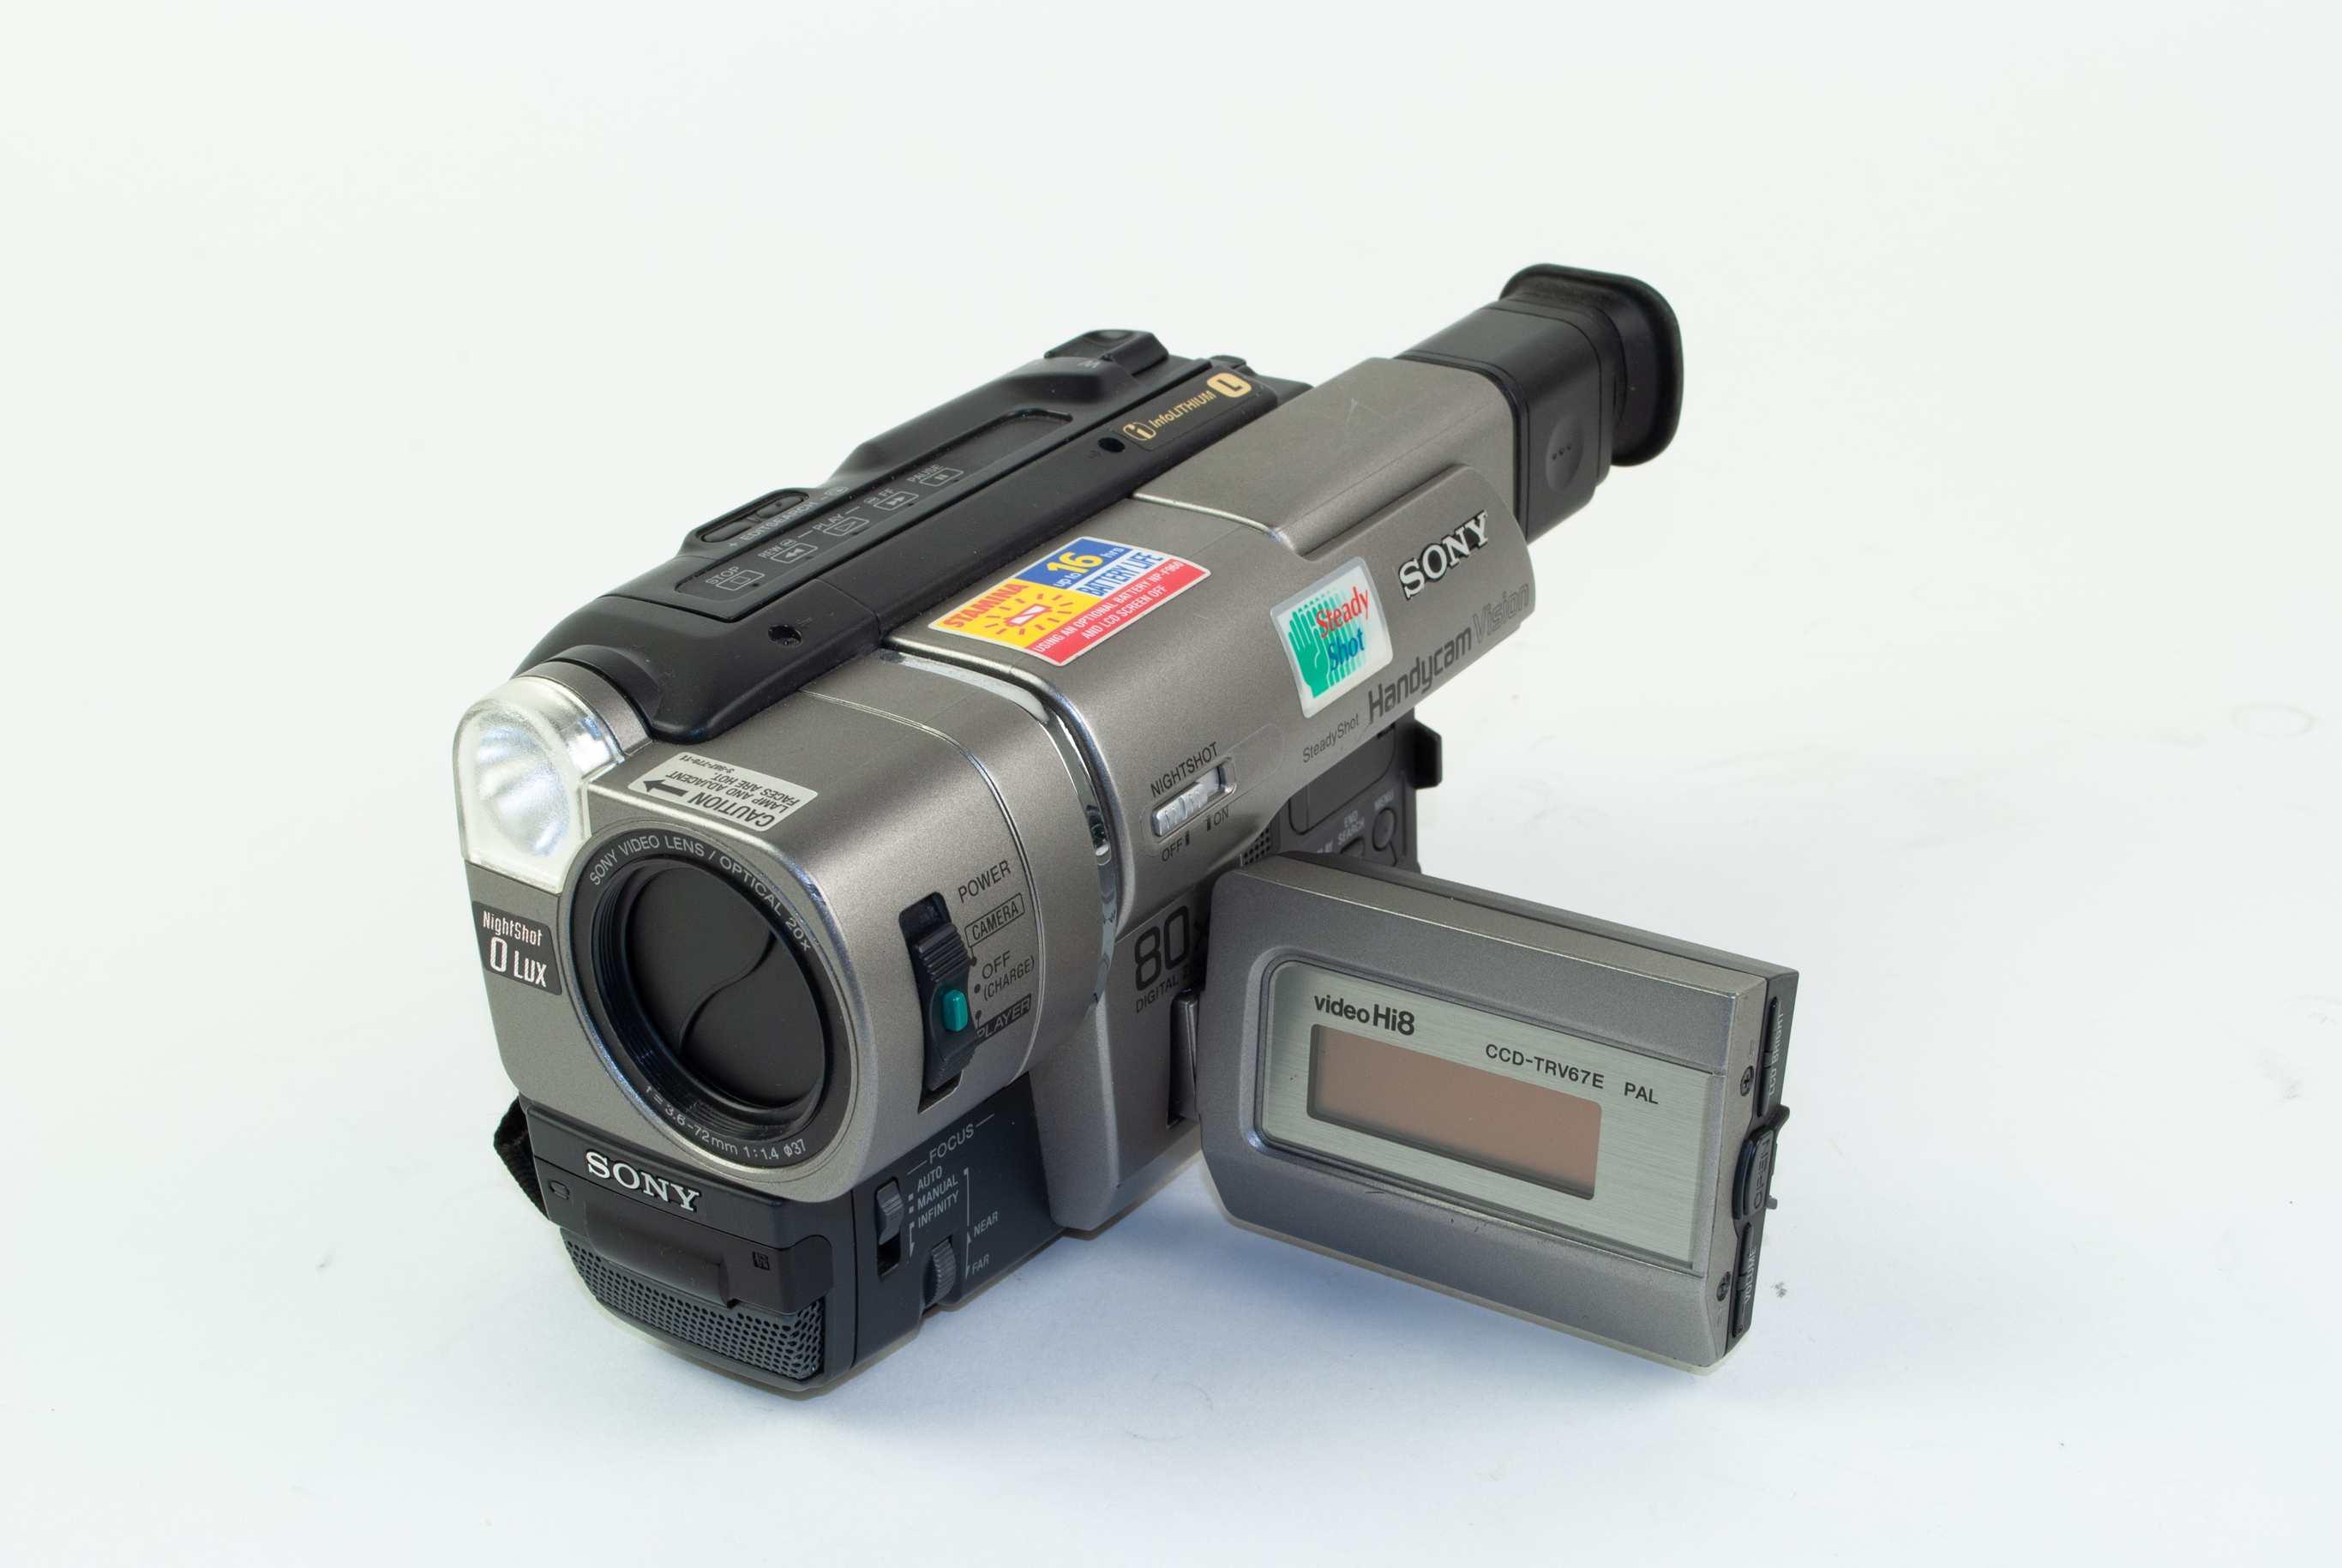 CCD-TRV67E